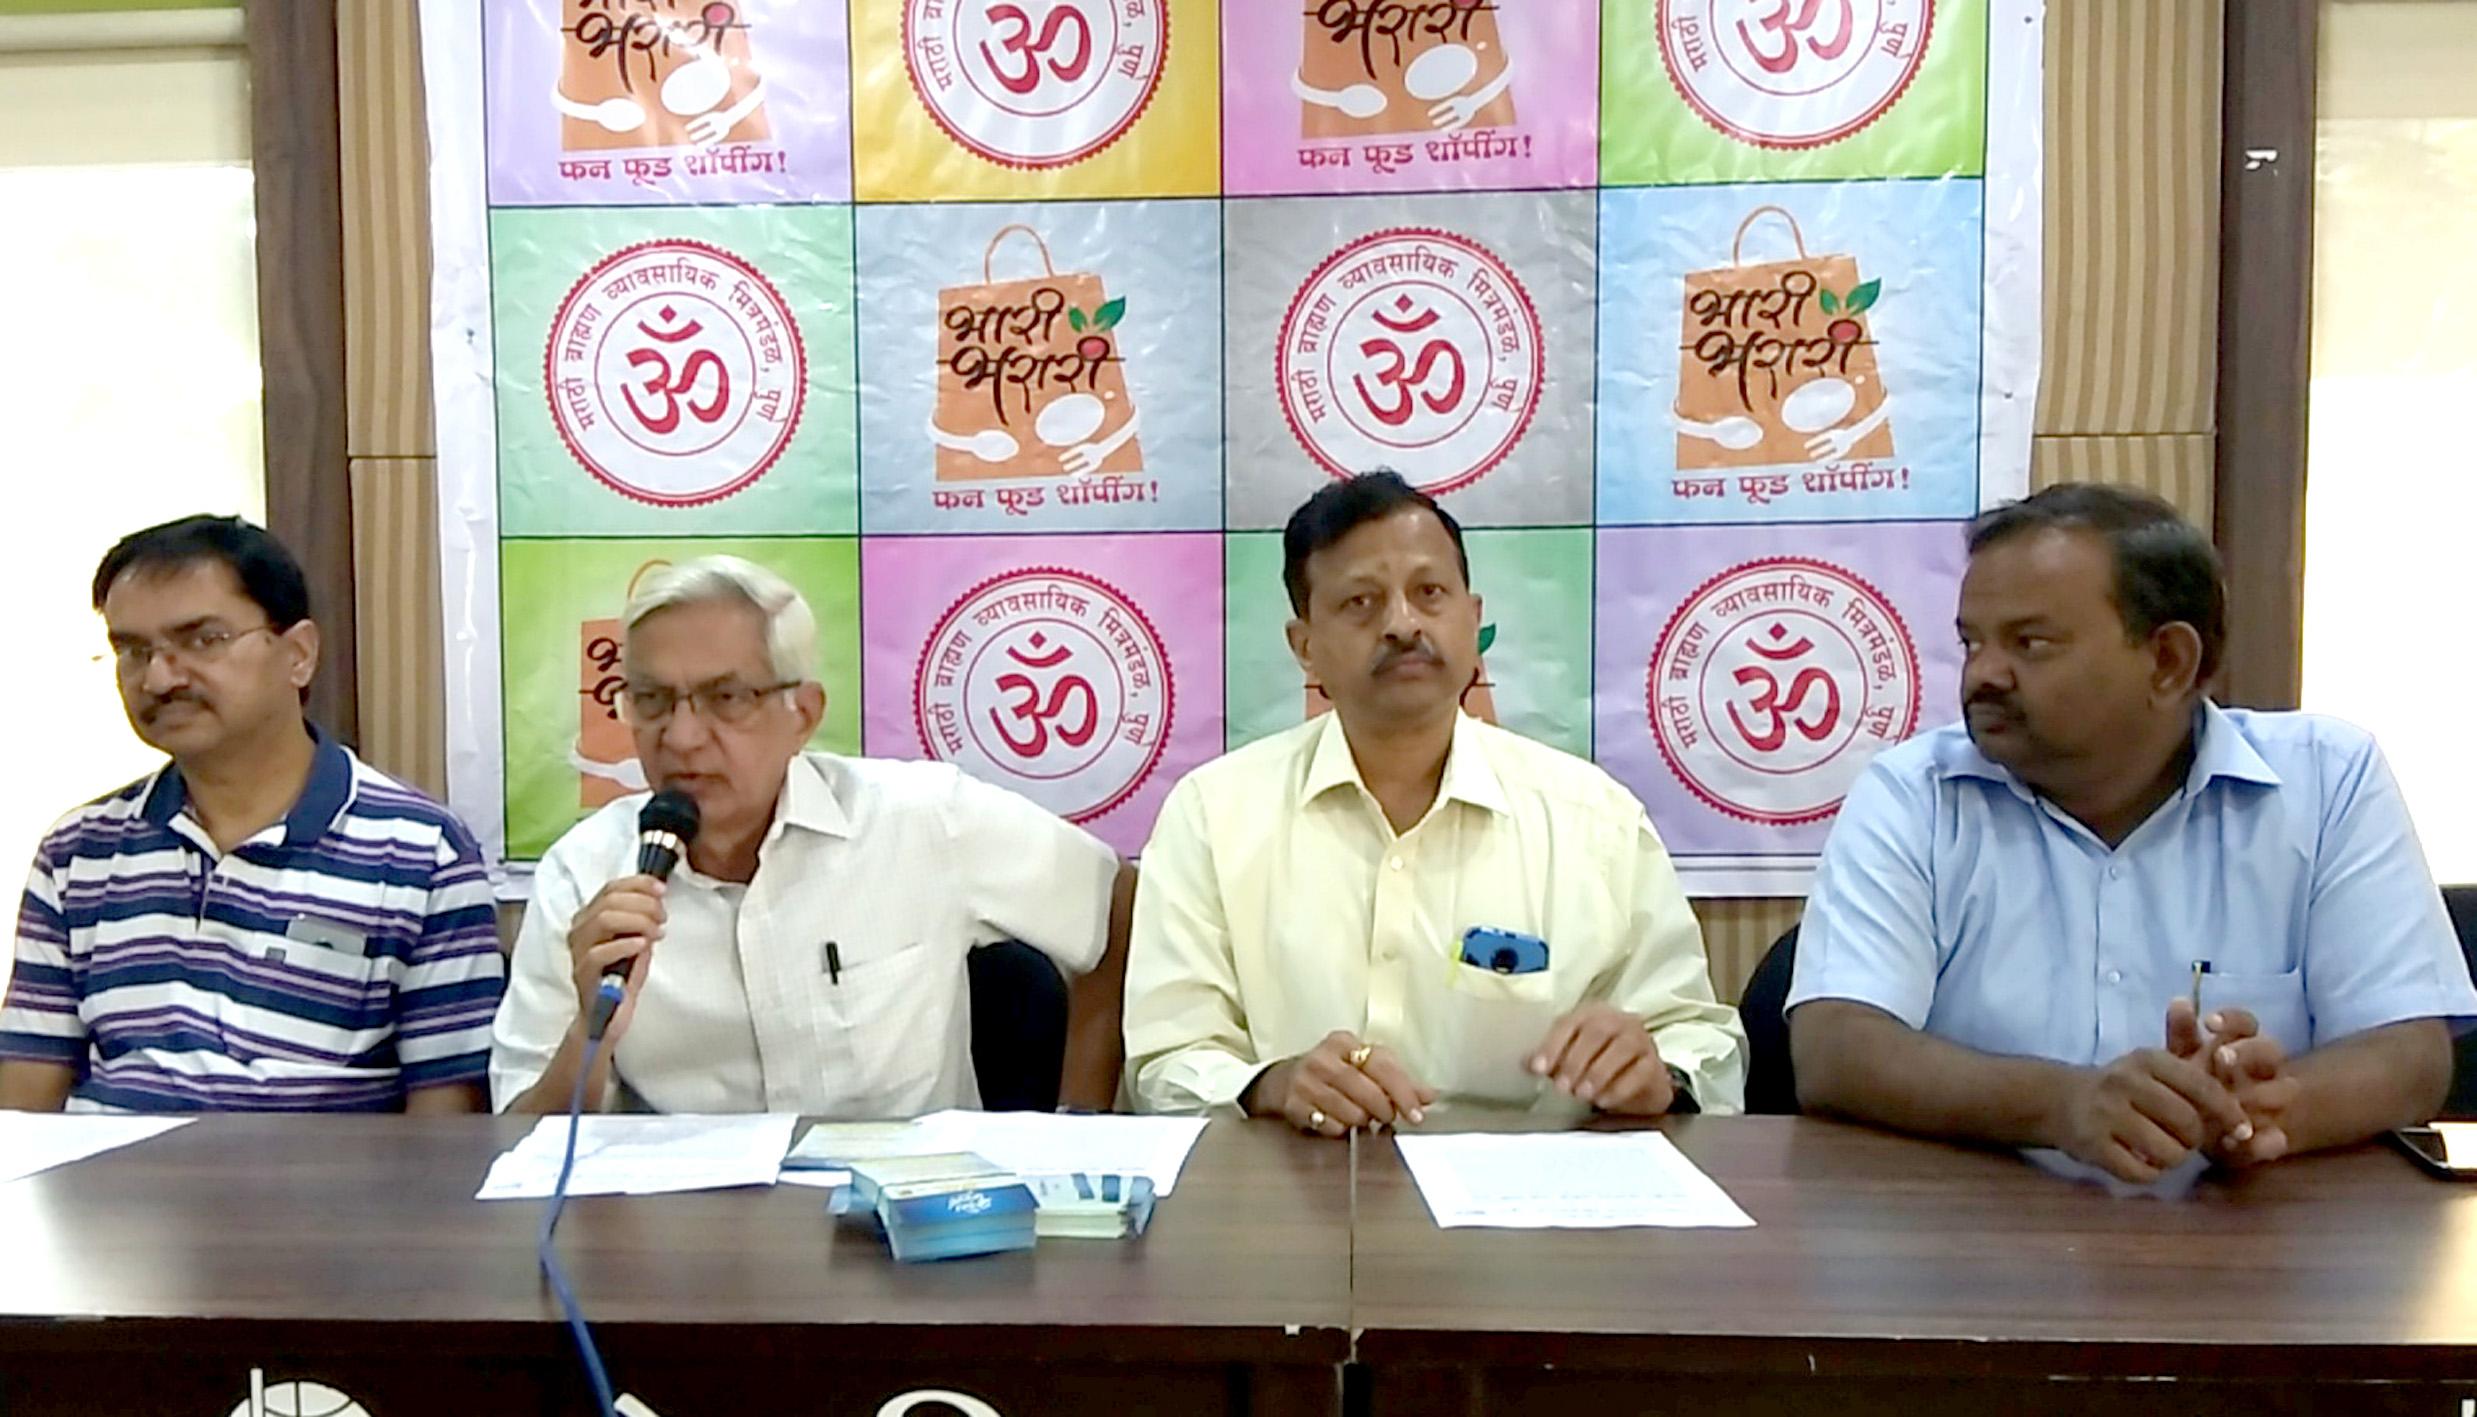 मराठी ब्राह्मण व्यावसायिक मित्रमंडळाच्या वतीने तीन दिवसीय फन-फूड महोत्सव